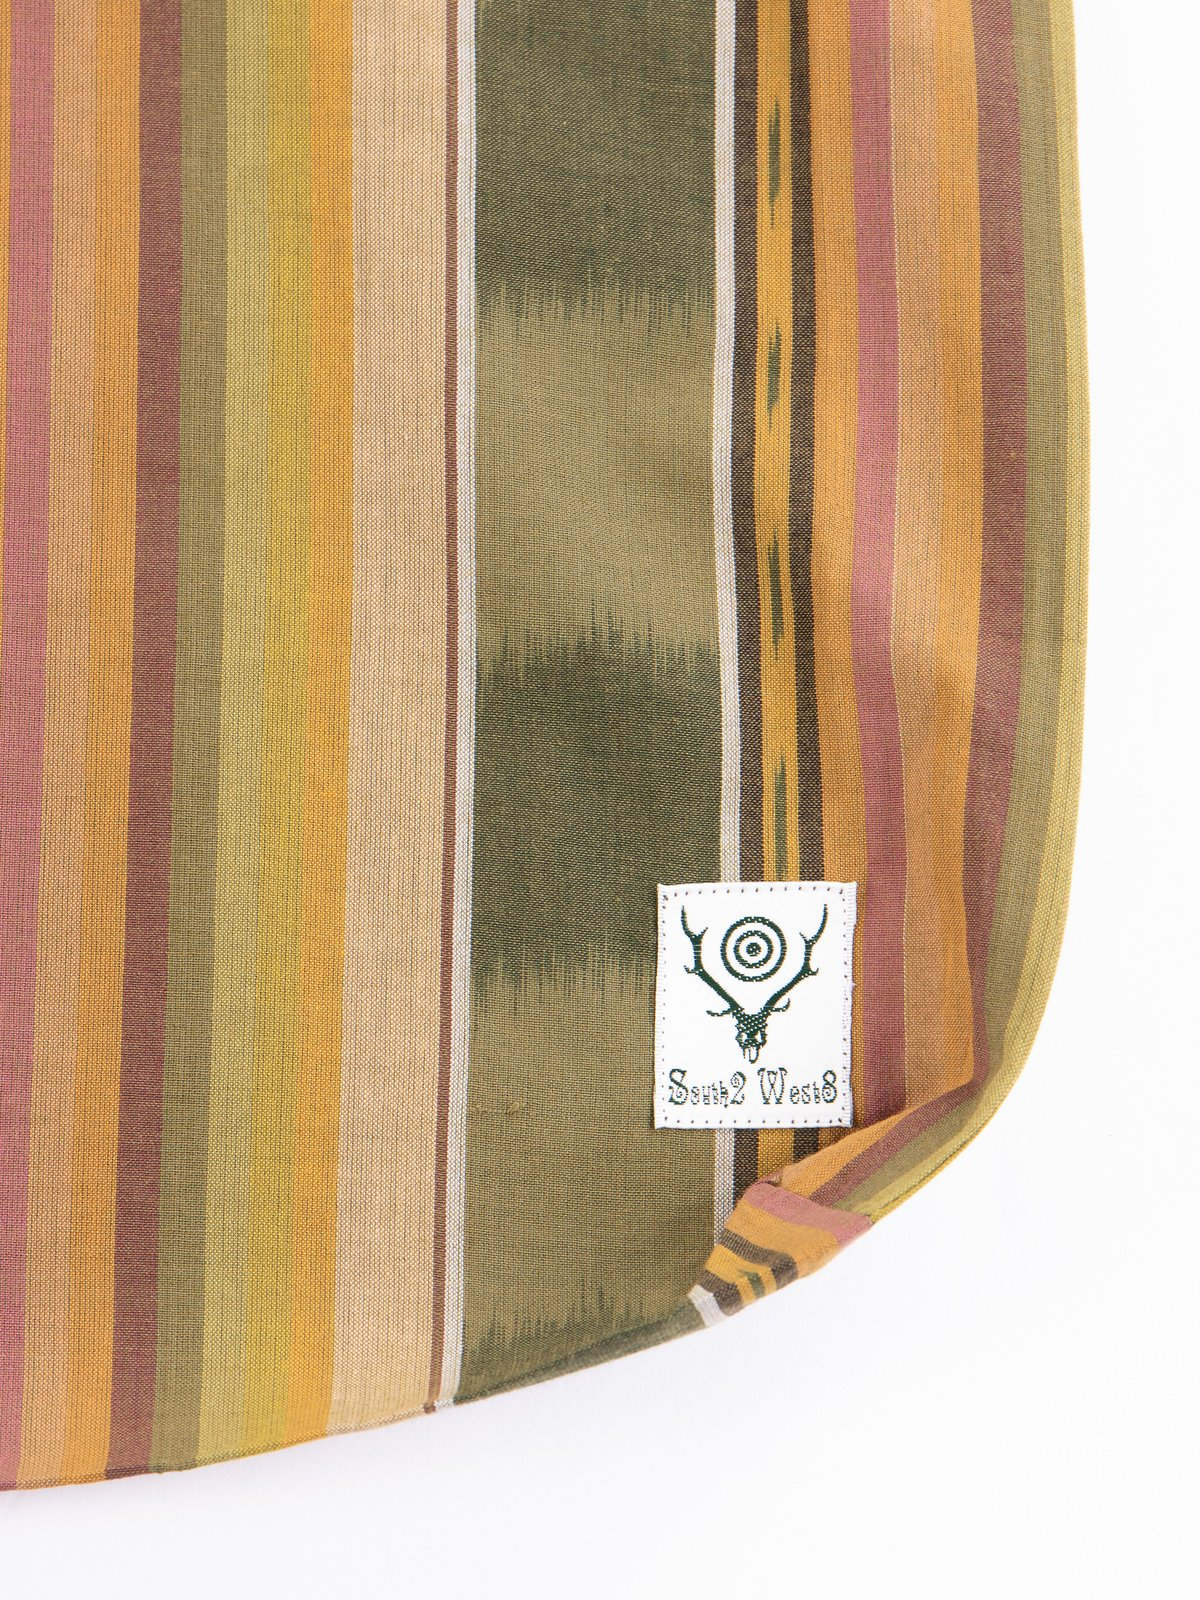 Green/Beige/Brown lkat Pattern Grocery Bag - Image 2